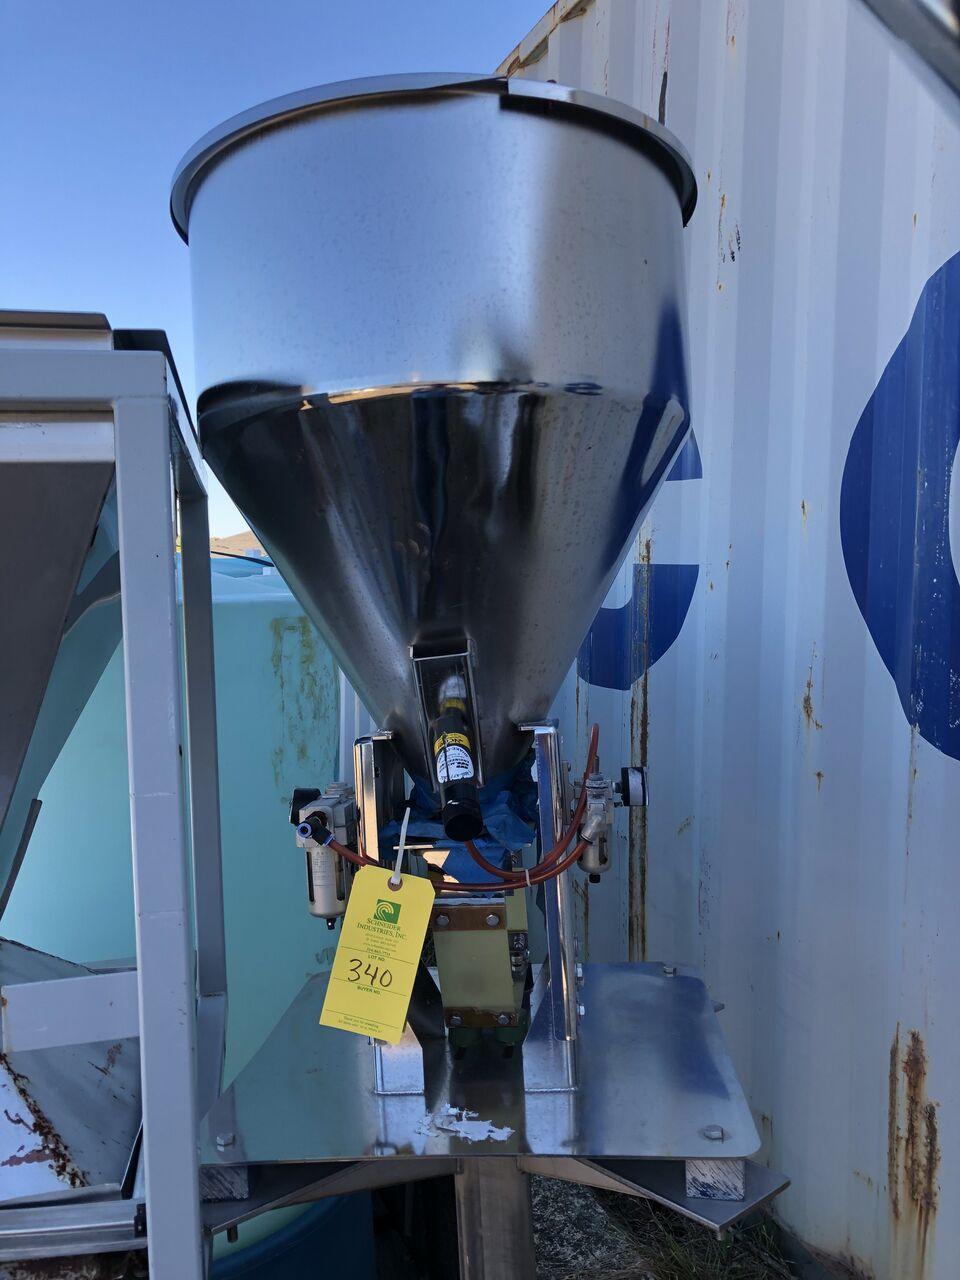 Lot 340 - Vibrating Hopper